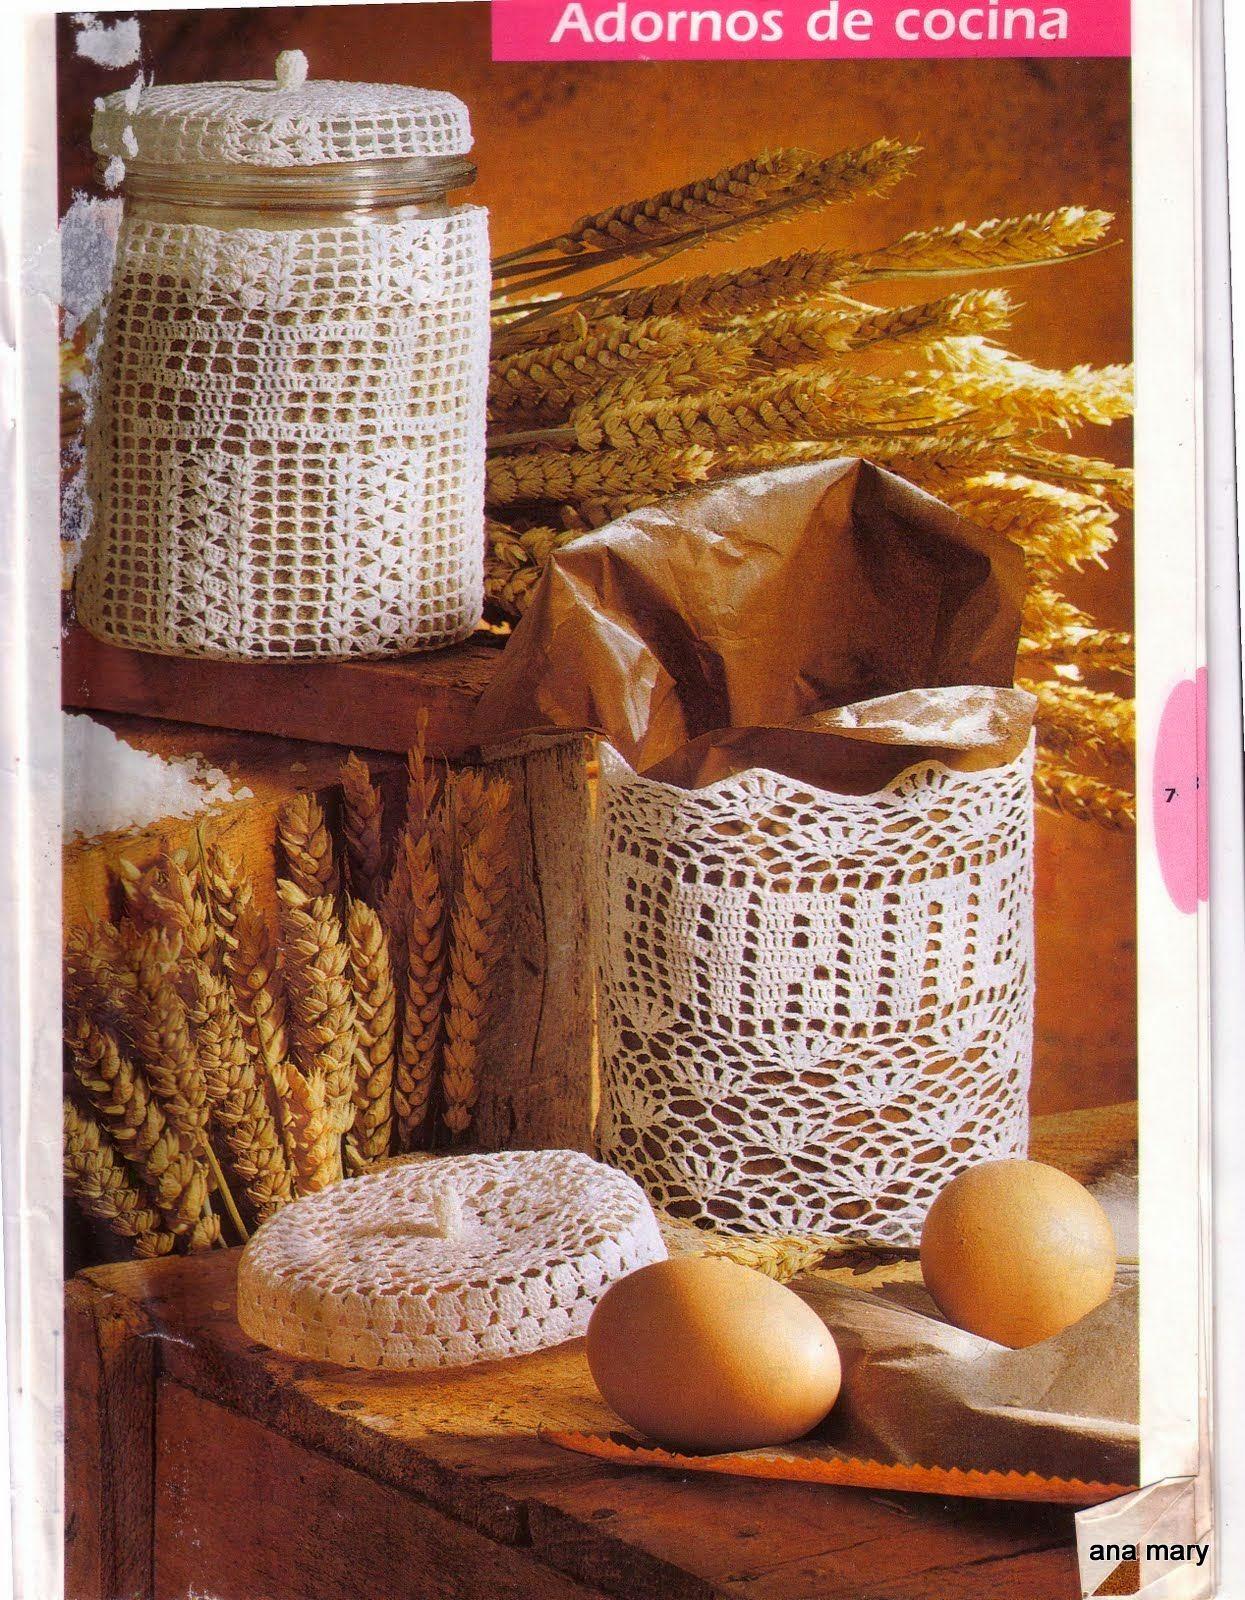 Adornos para la cocina al crochet todo crochet for Todo para la cocina